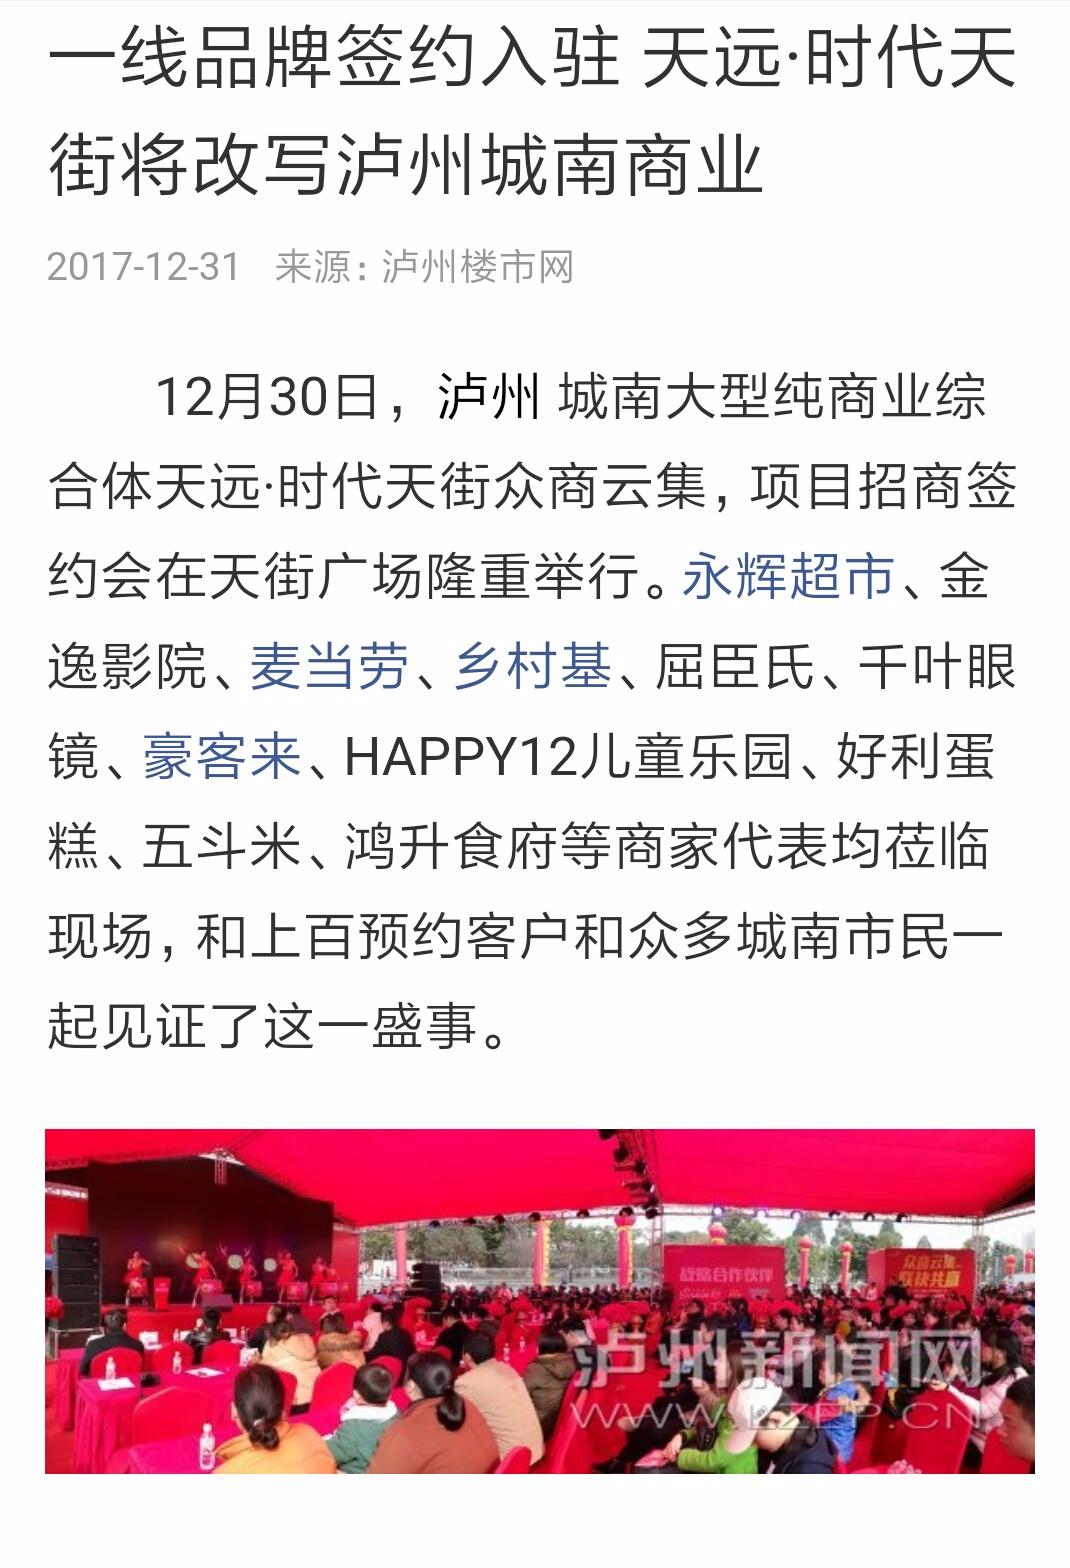 Screenshot_2018-06-13-18-14-05-145_com.tencent.mtt.png